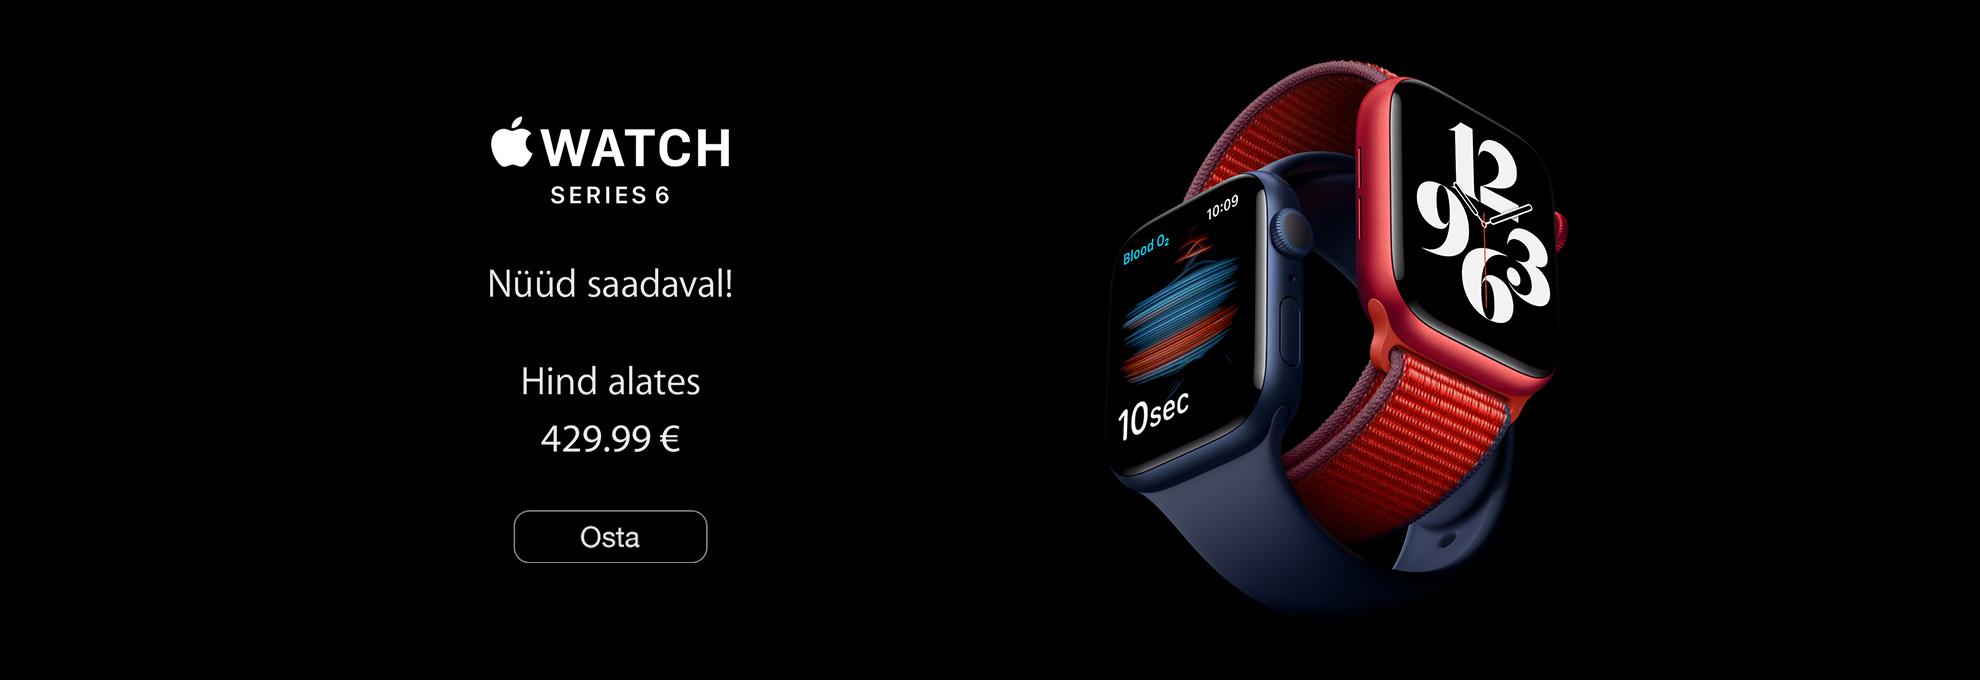 Apple Watch Series 6  nüüd saadaval